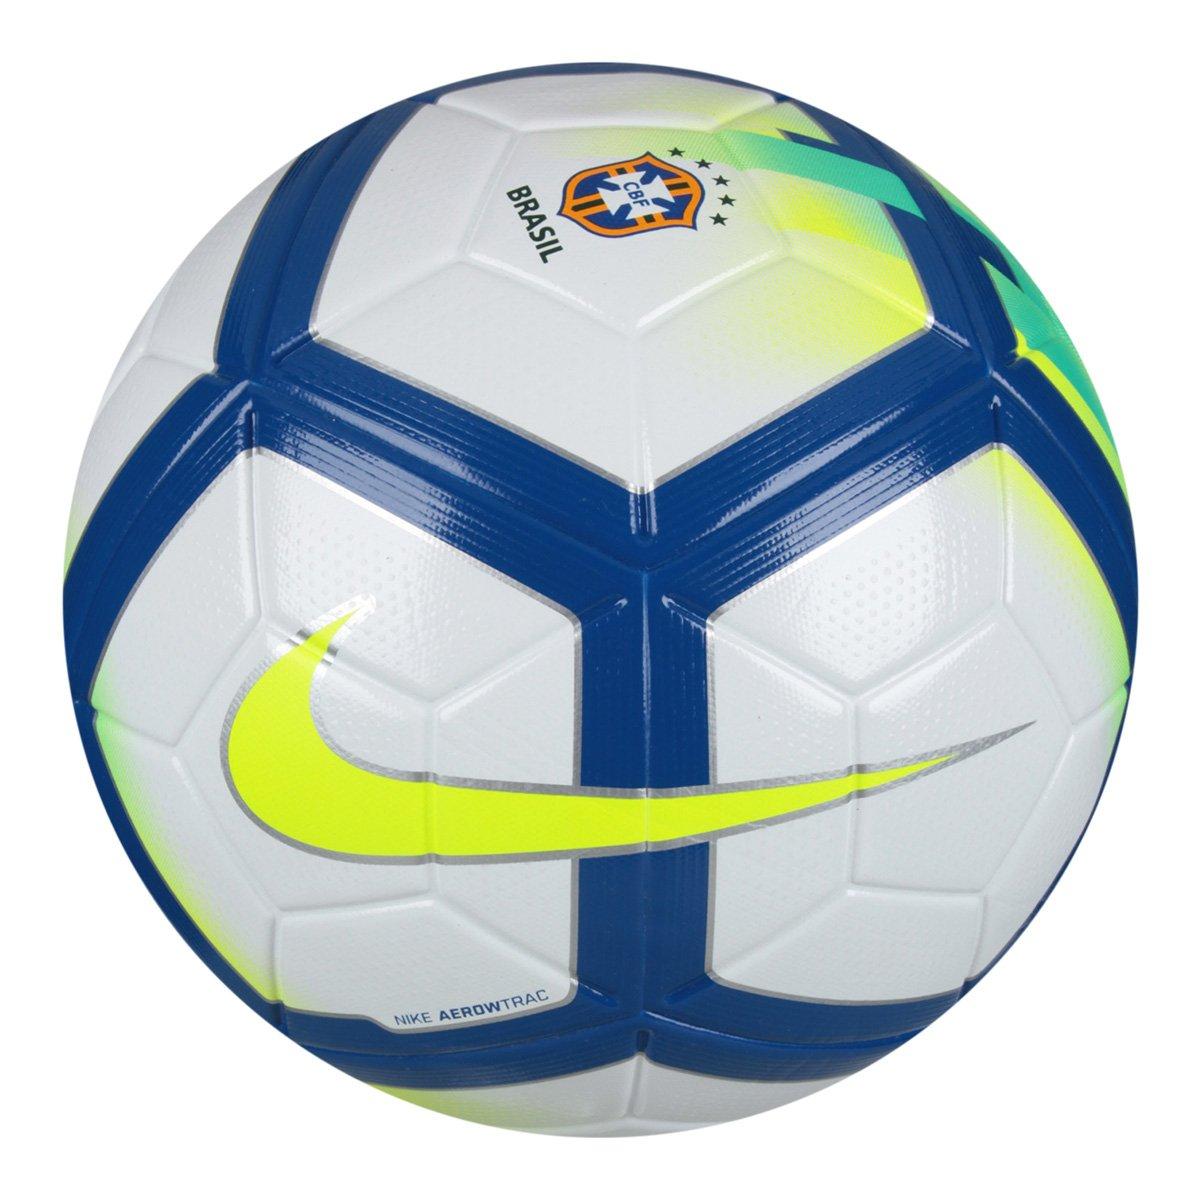 a4d0f6d8da Bola Futebol Campo Nike CBF Ordem Campeonato Brasileiro 2018 ...